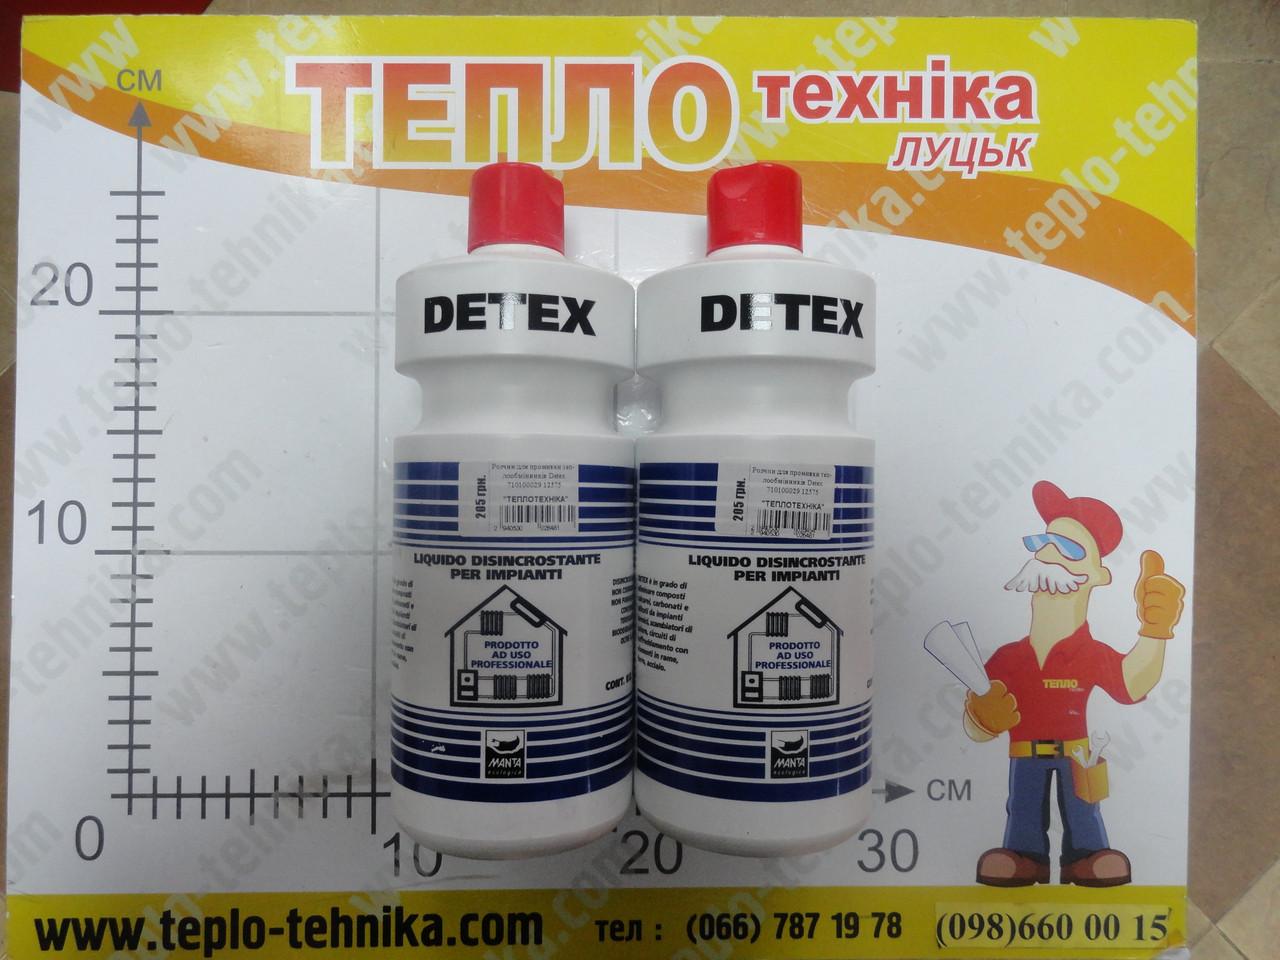 Detex для теплообменников минск теплообменник нн 21 характеристика